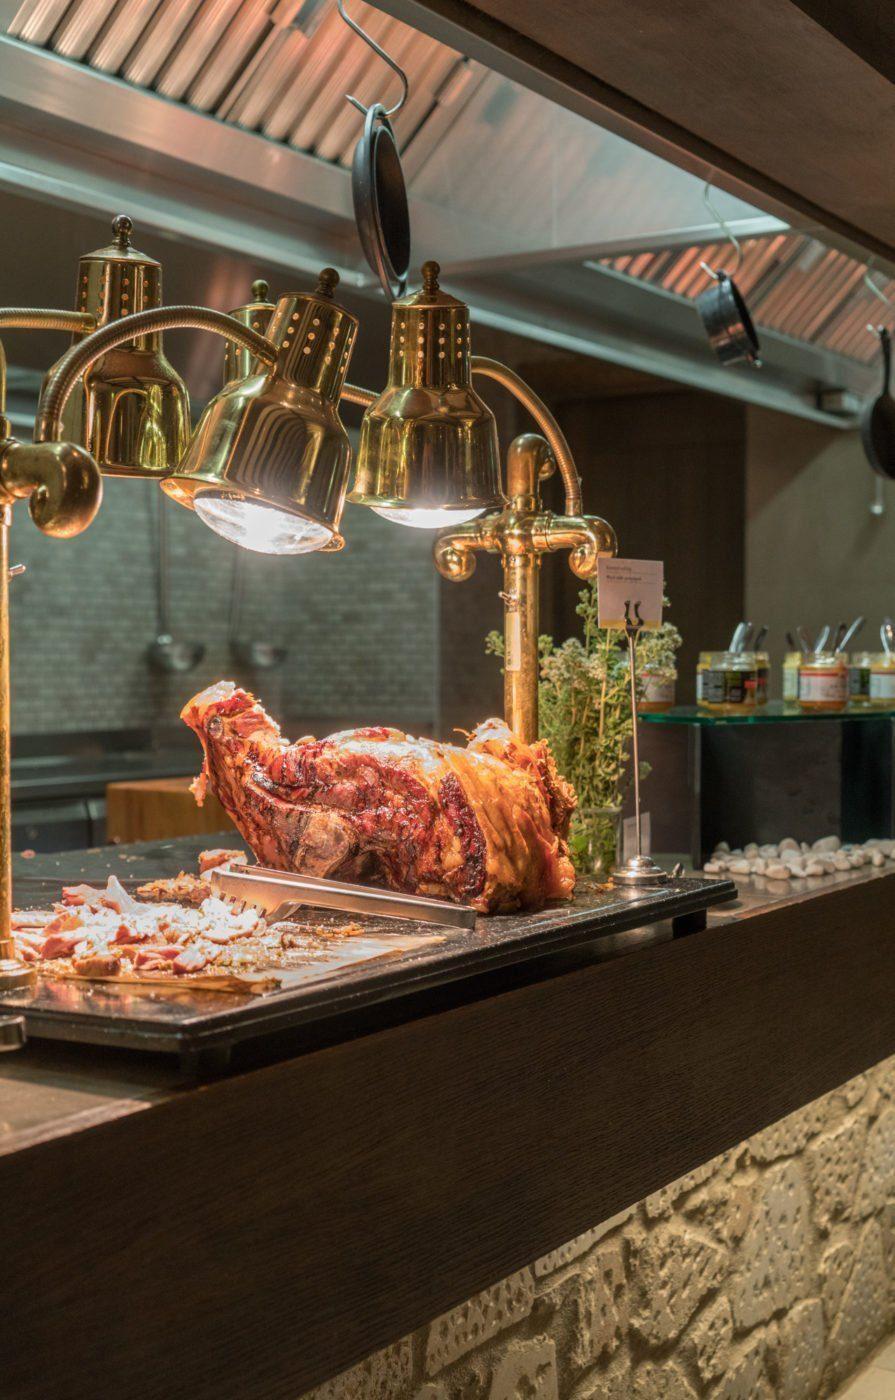 The Romanos buffet restaurant